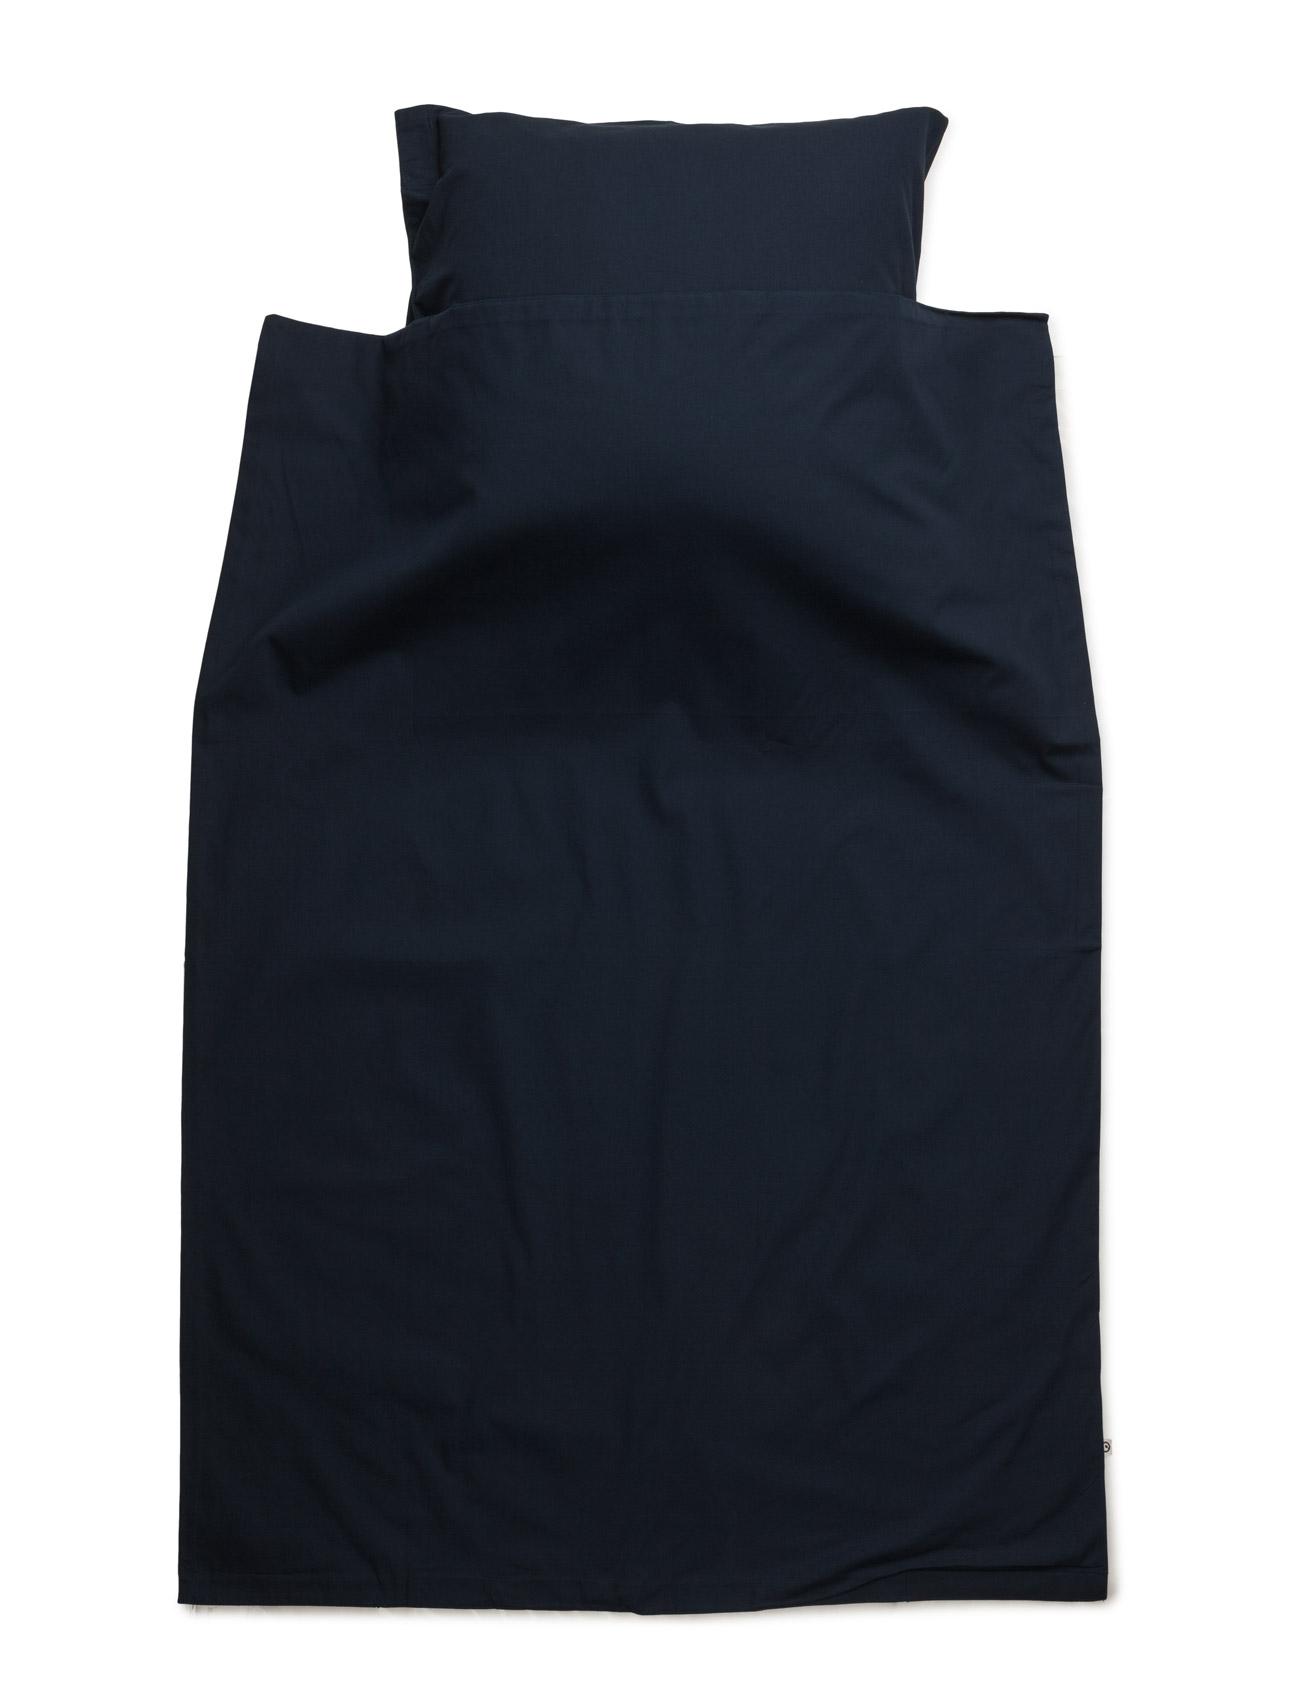 Solid Bed Linen Junior Müsli by Green Cotton Sengetøj & Lagener til Børn i Navy blå